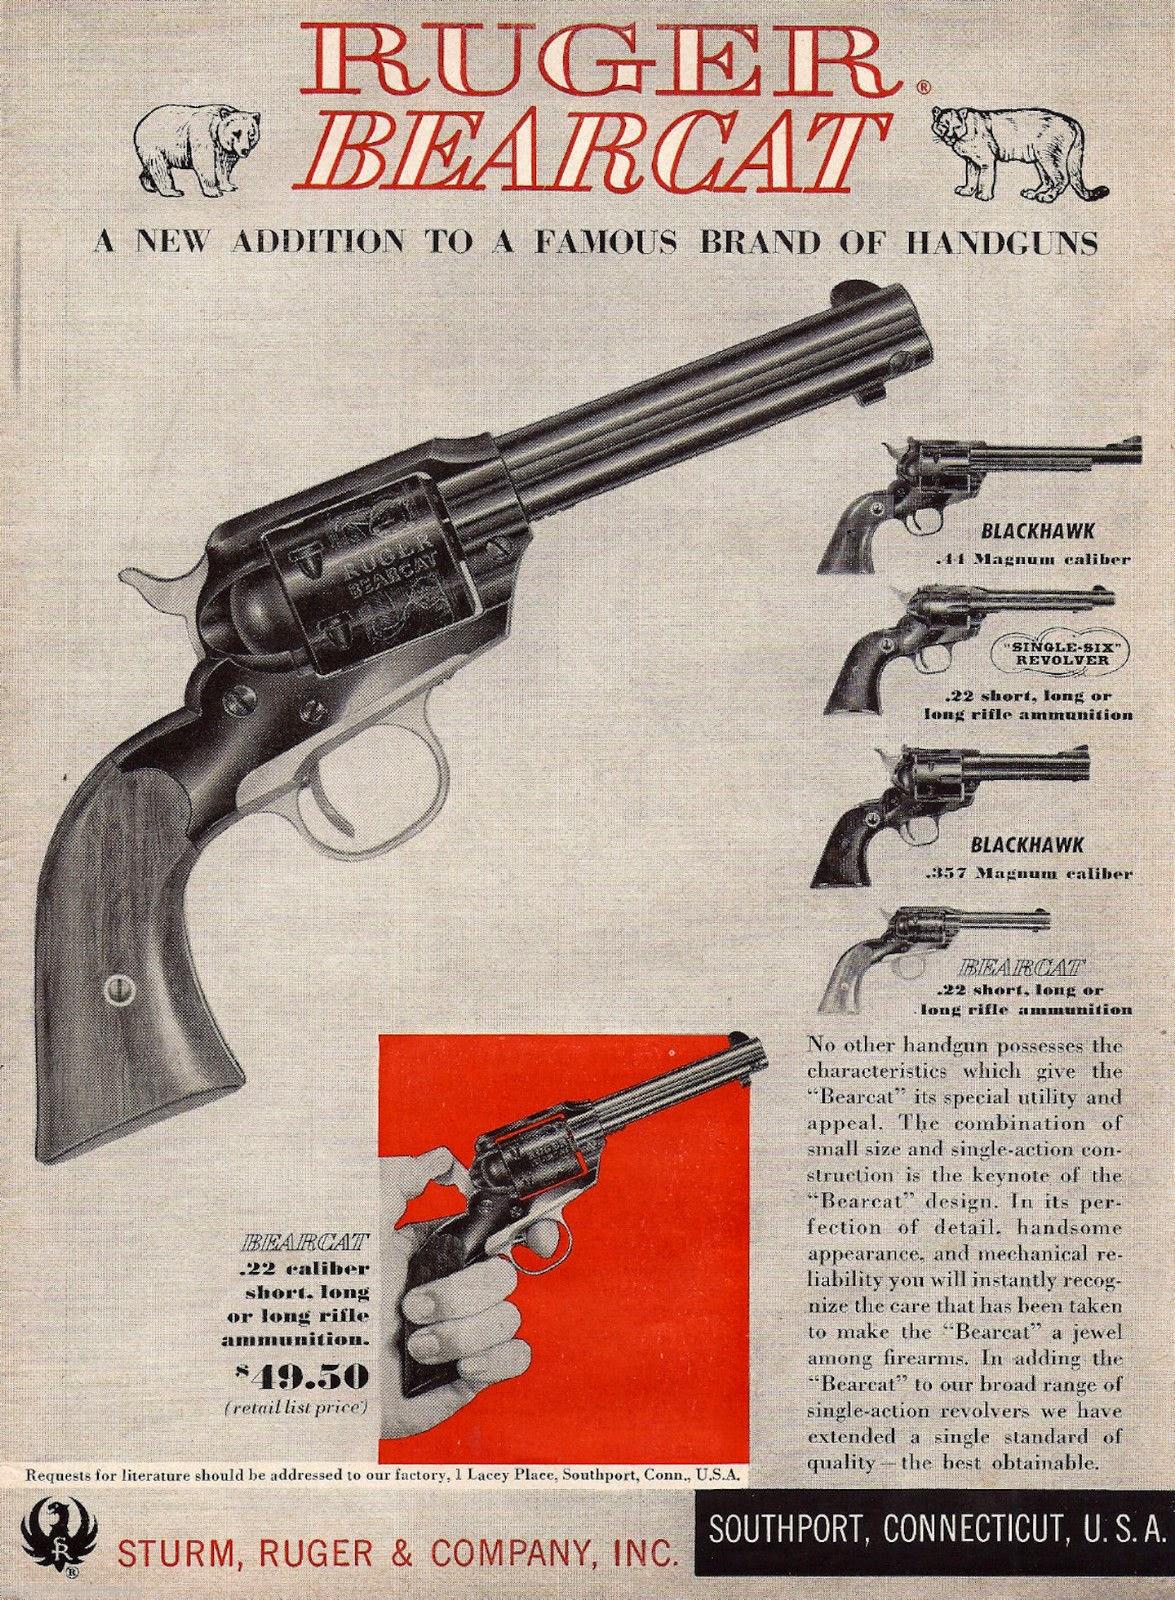 TINCANBANDIT's Gunsmithing: The Ruger Bearcat